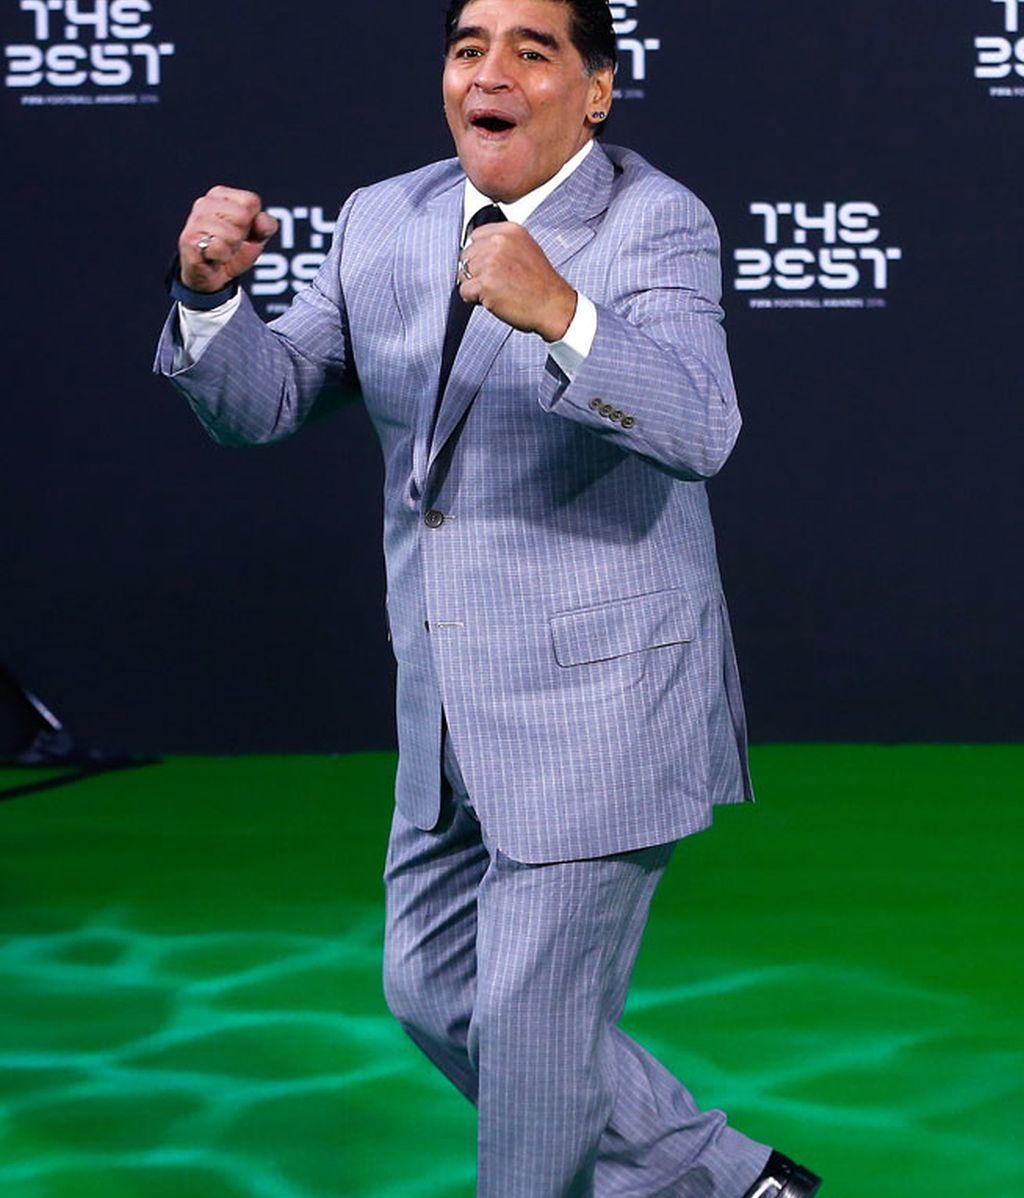 Maradona se lo pasa en grande durante el evento